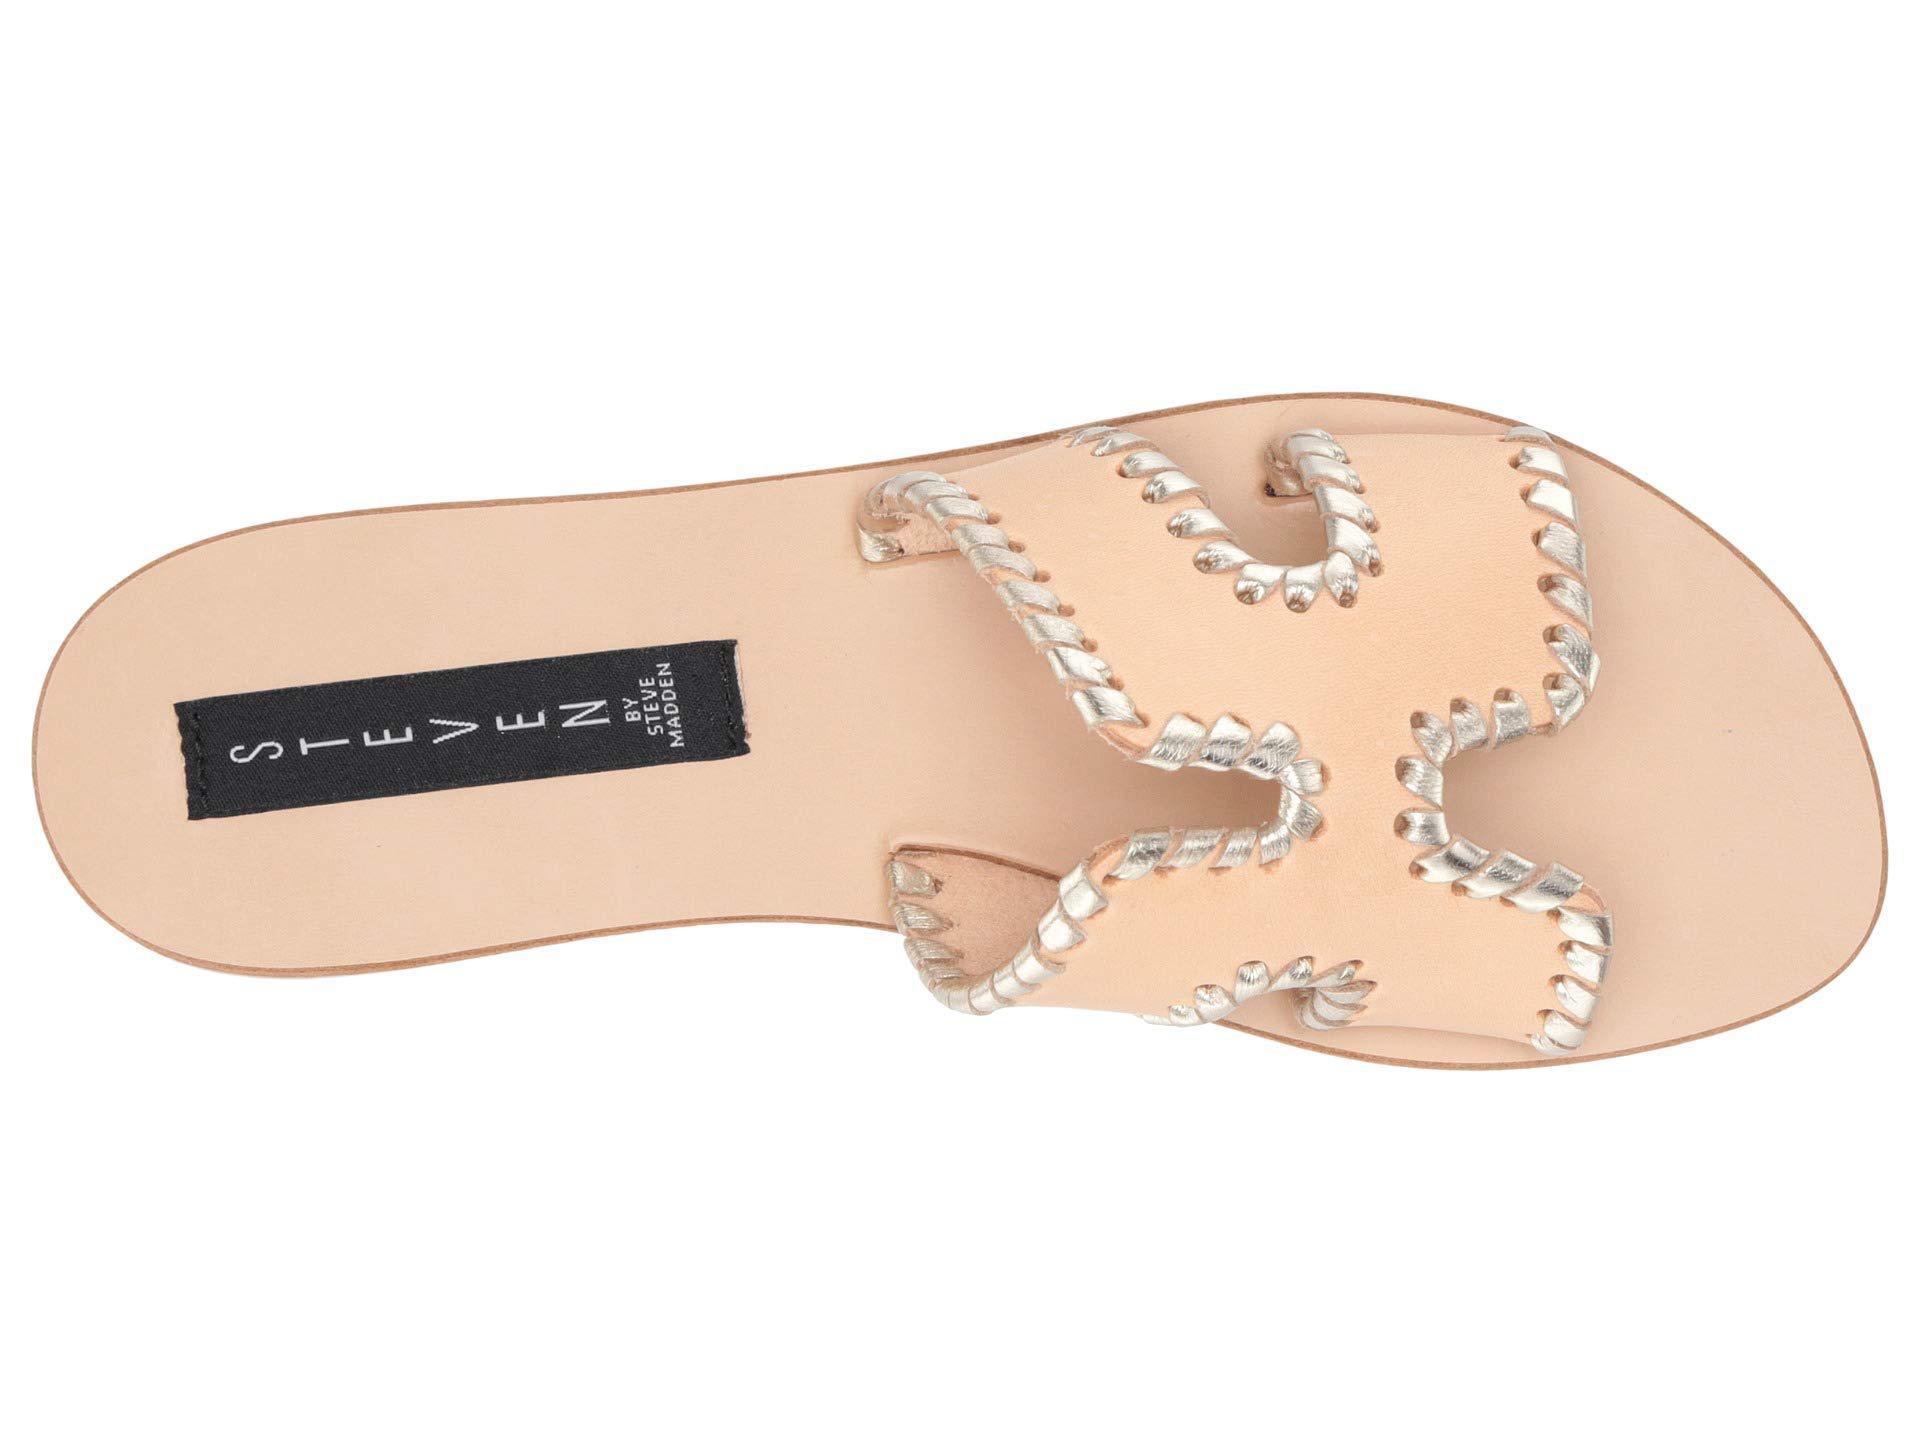 b58c7228feb Steven by Steve Madden - Multicolor Greece-m (white Multi) Women s Sandals  -. View fullscreen